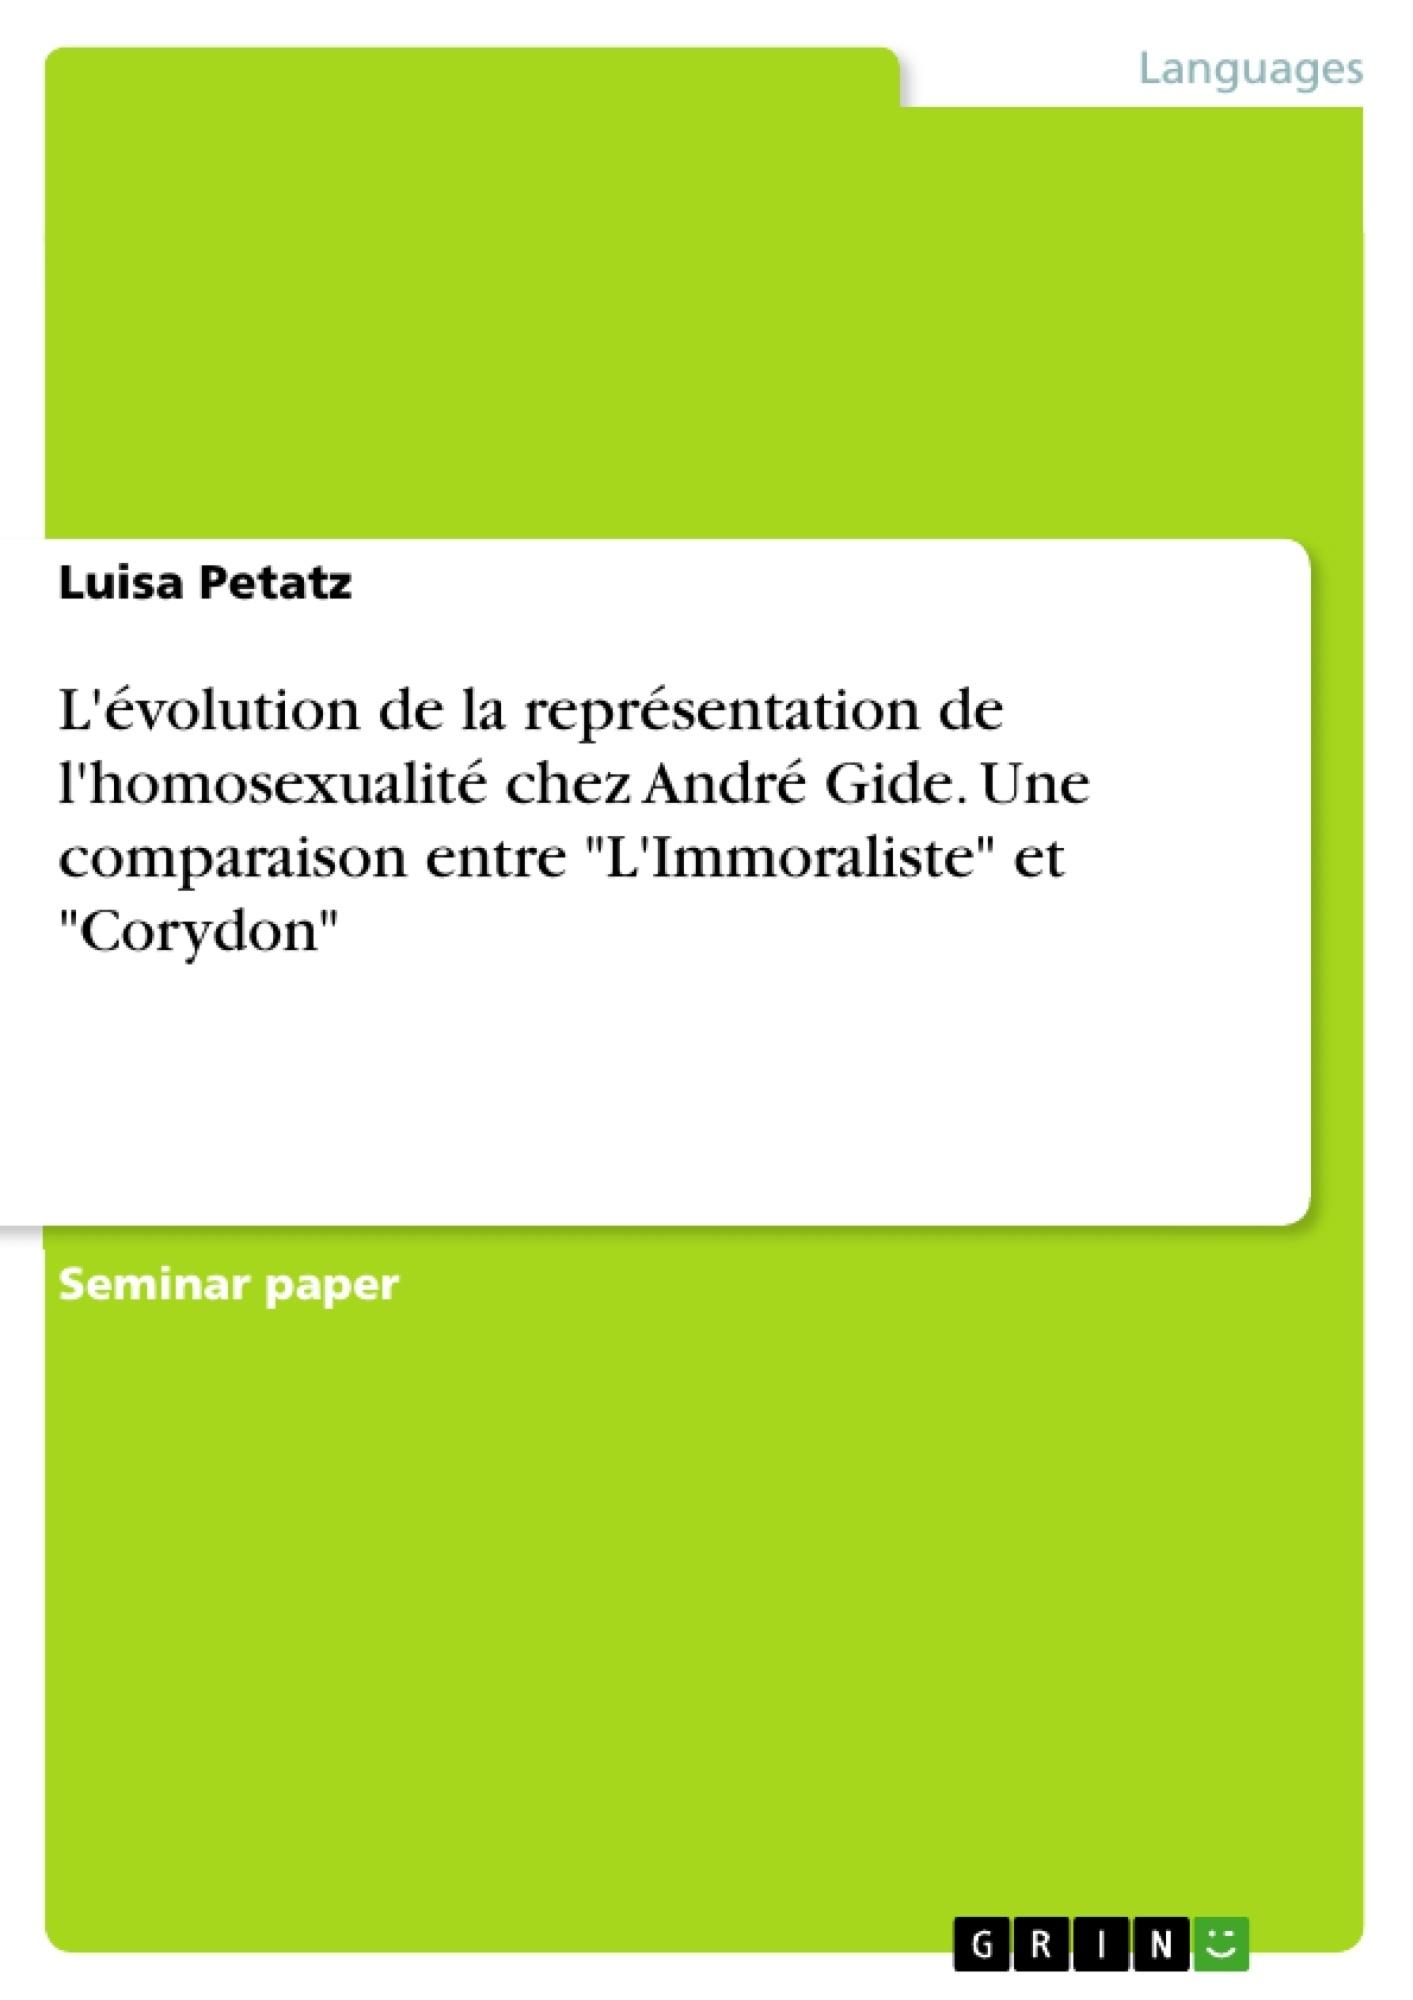 """Titre: L'évolution de la représentation de l'homosexualité chez André Gide. Une comparaison entre """"L'Immoraliste"""" et """"Corydon"""""""